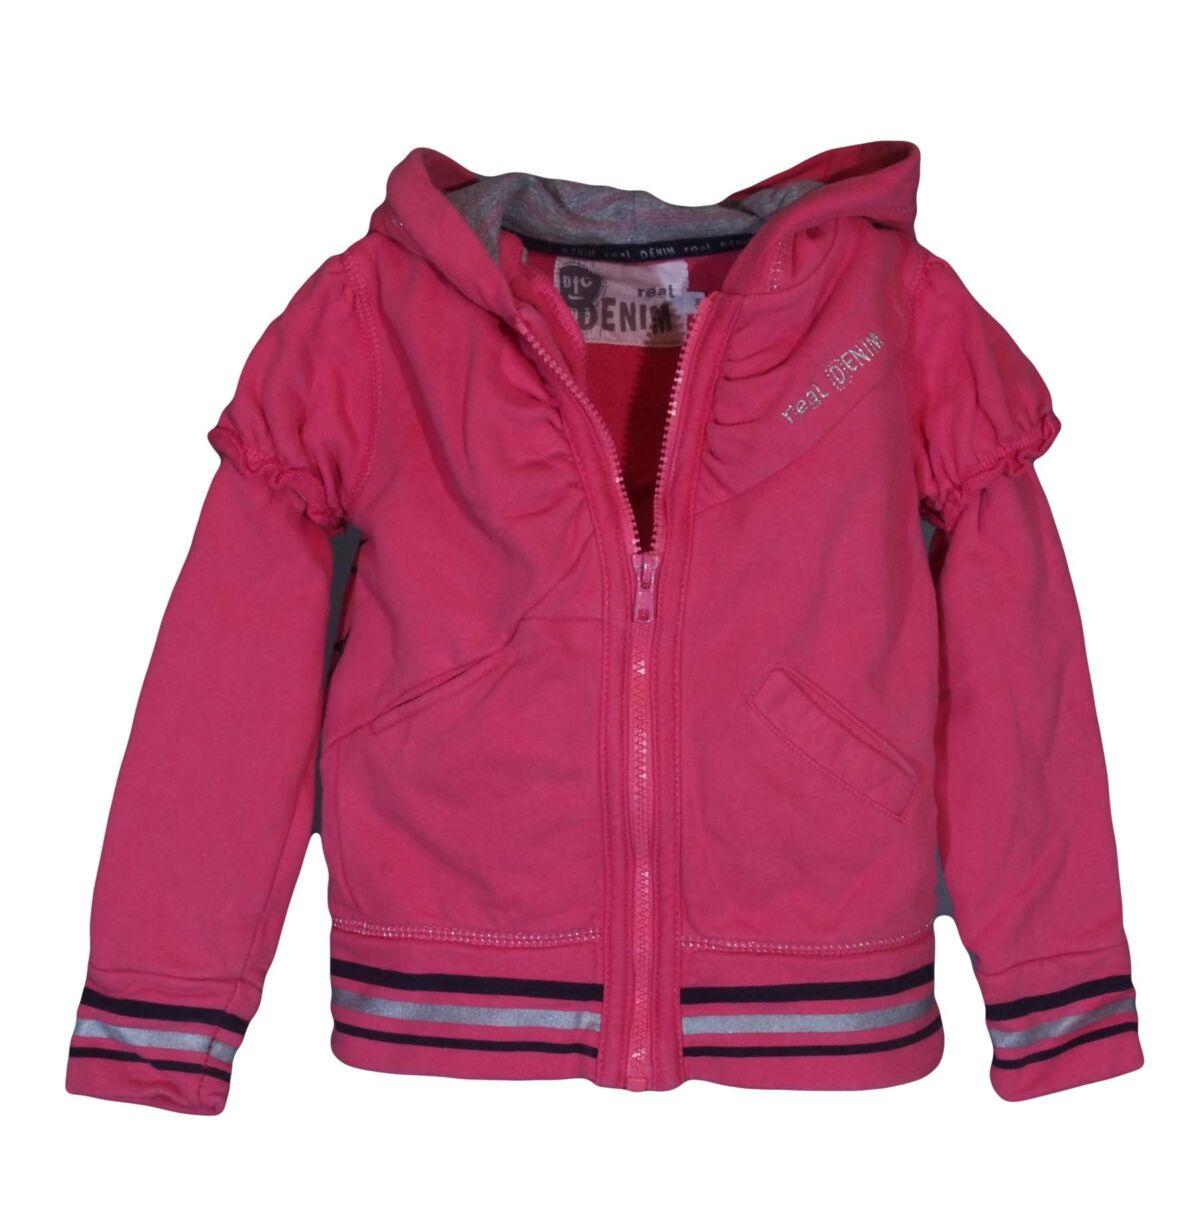 Használt és Outlet gyerekruhák kedvező áron - 69. oldal 34f1fc1503